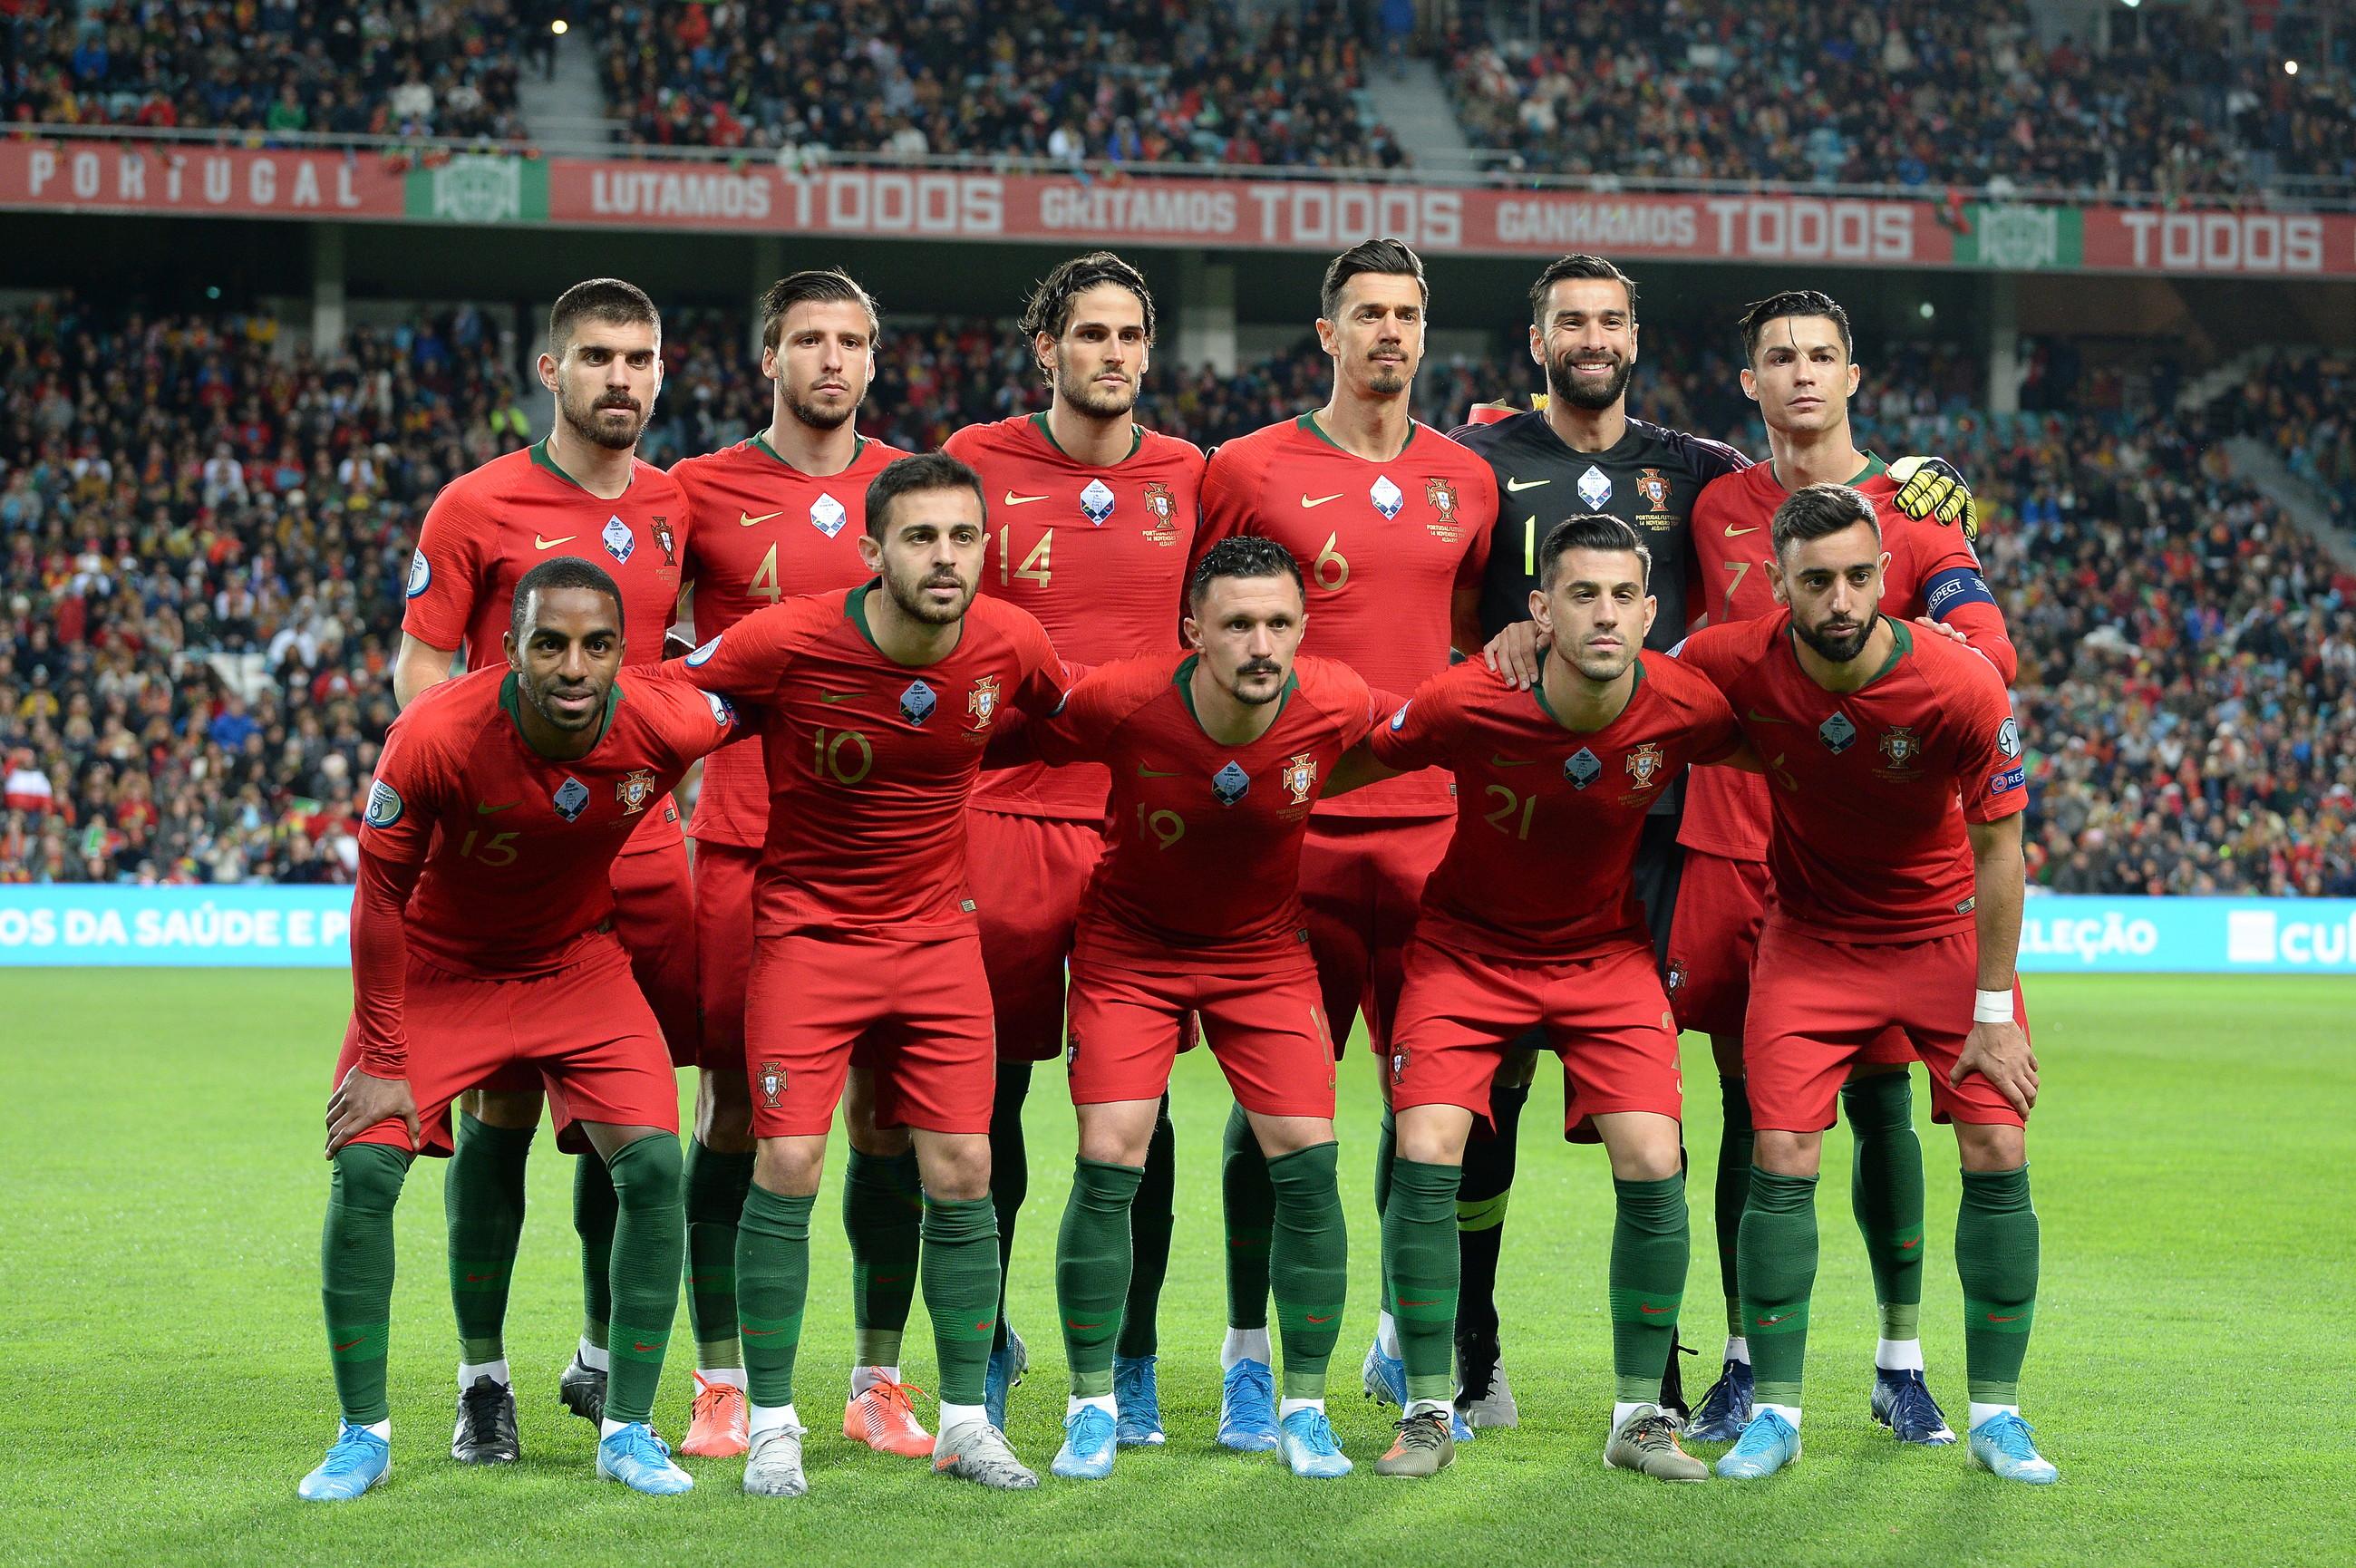 7) Portogallo